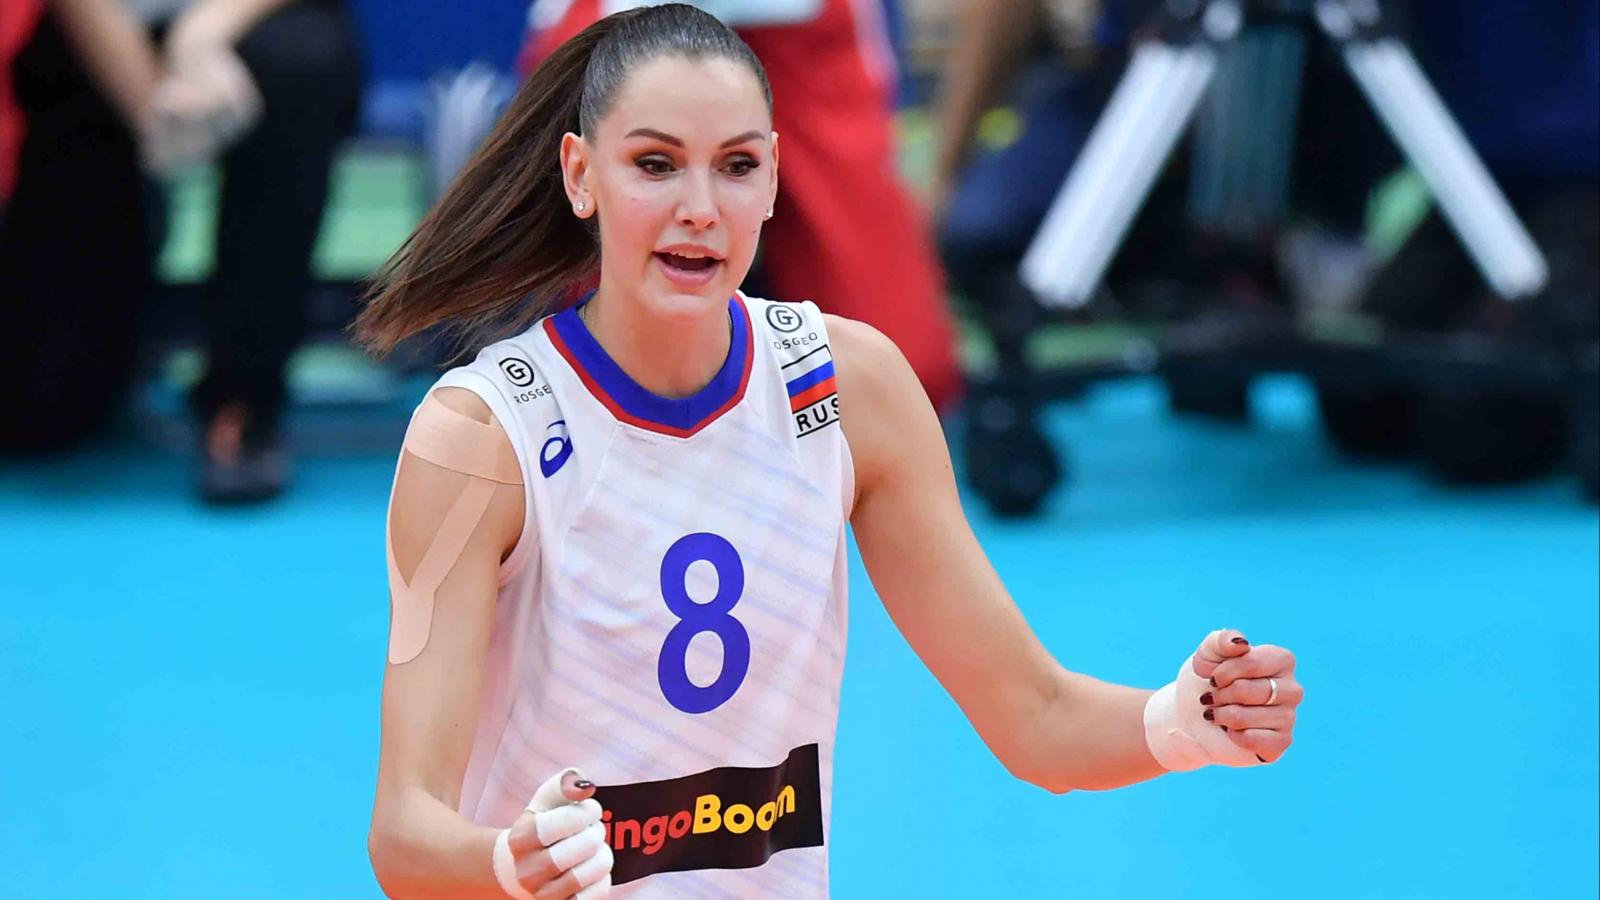 Đội bóng chuyền nữ nào nhiều mỹ nhân nhất VNL 2021?